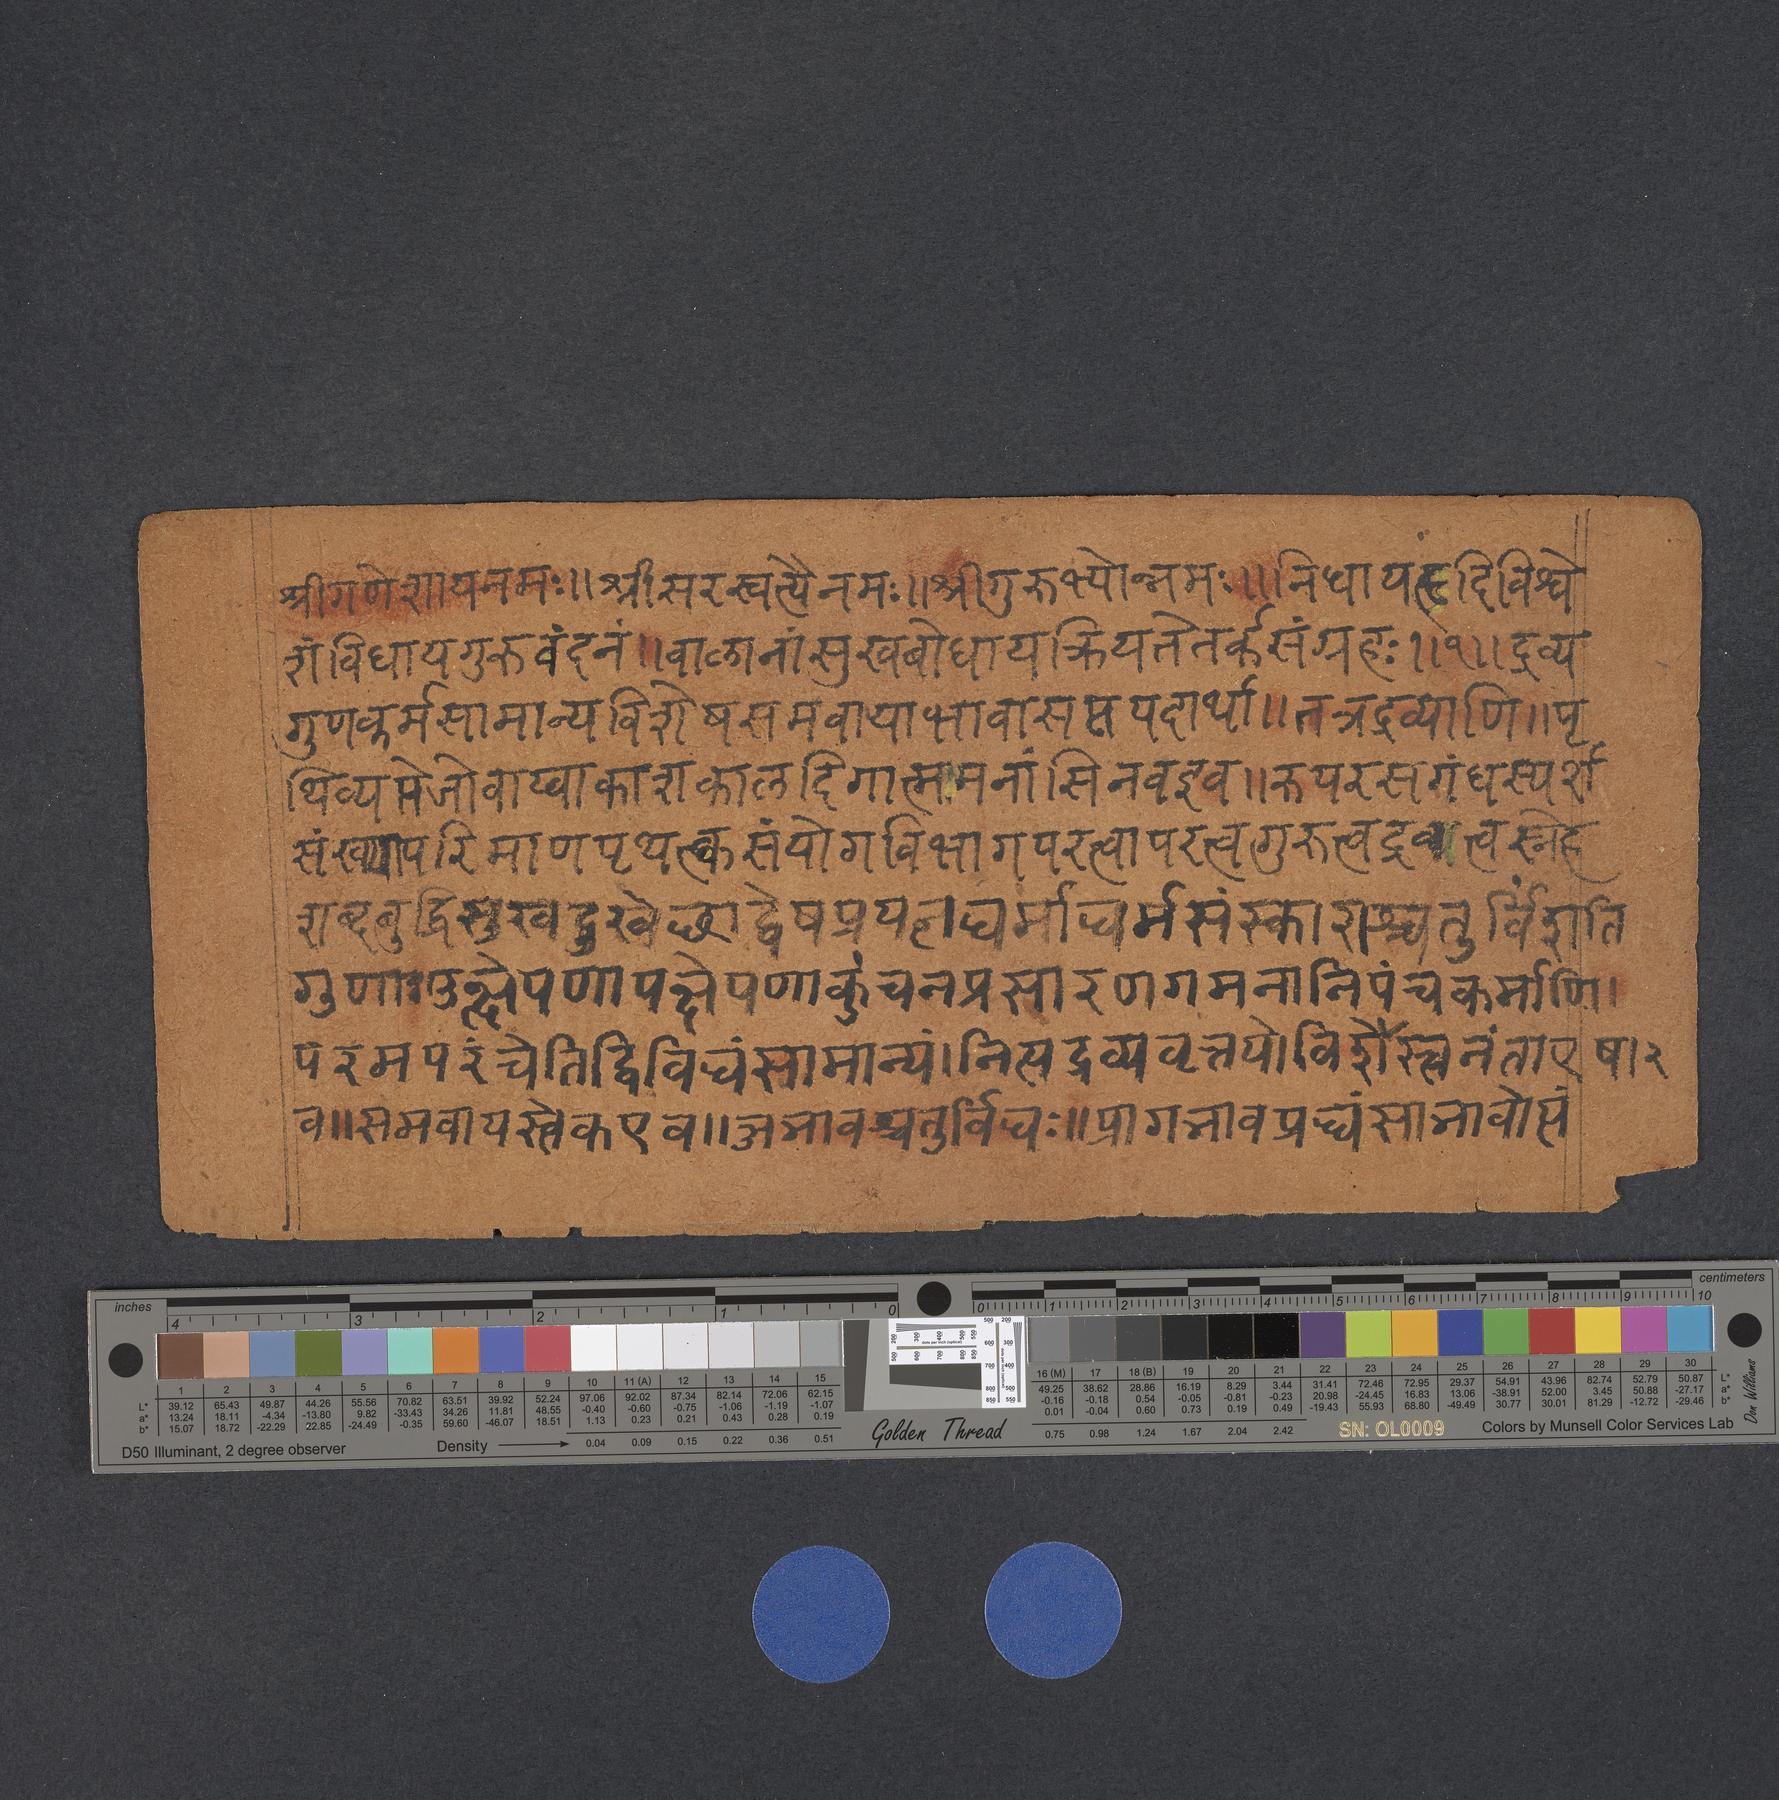 OPenn: Ms  Coll  390 Tarkasaṃgraha